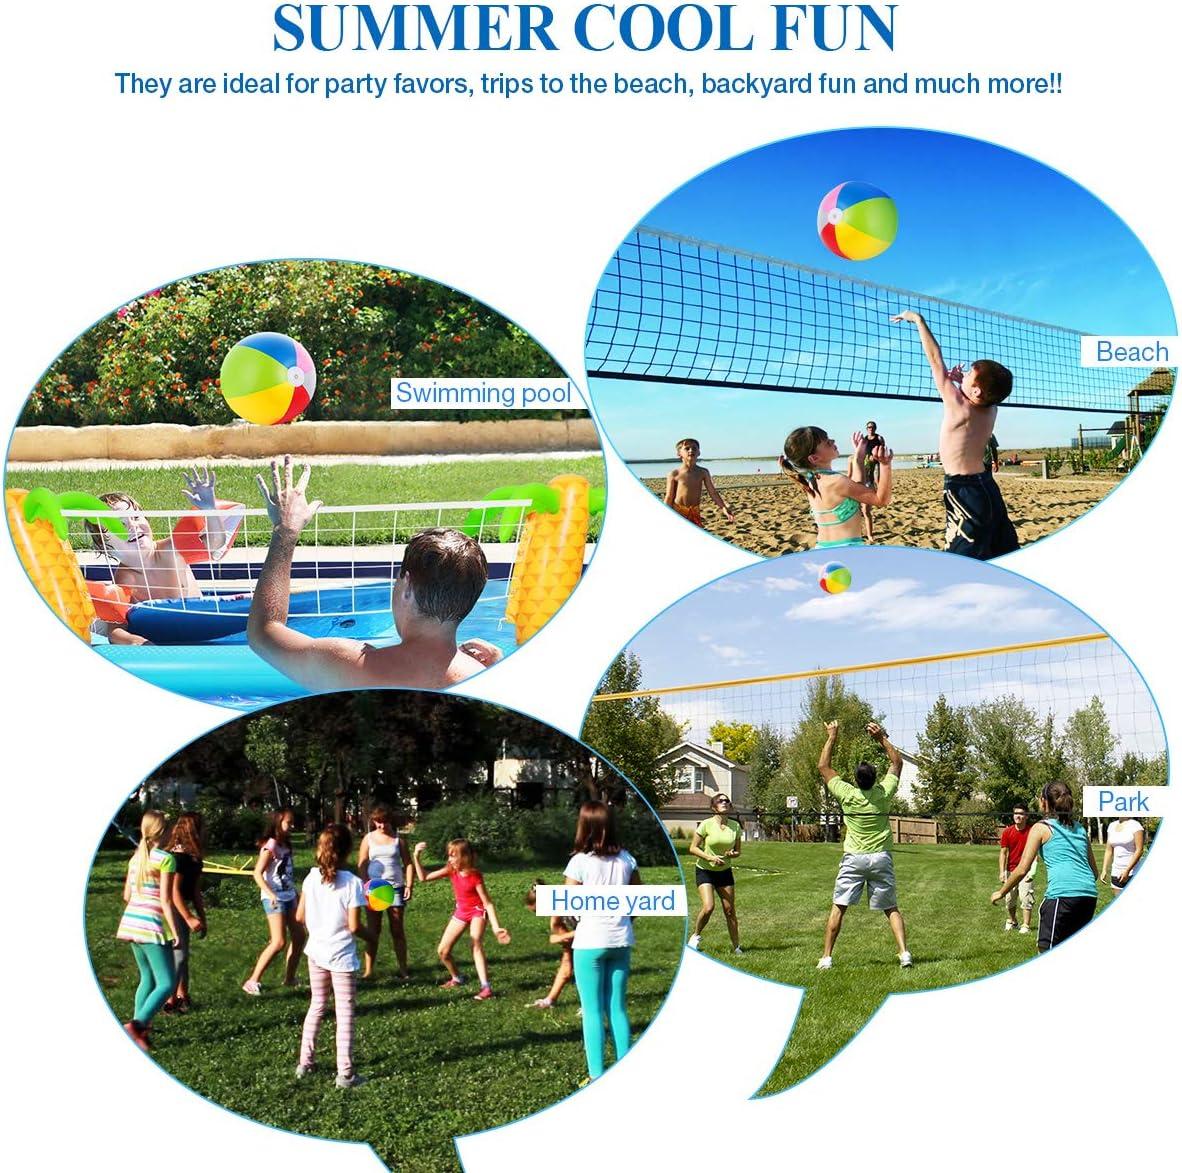 Toyvian Beach Party Favors Summer Fun Toy Mega Surtido a Granel Pack de Juguetes para ni/ños